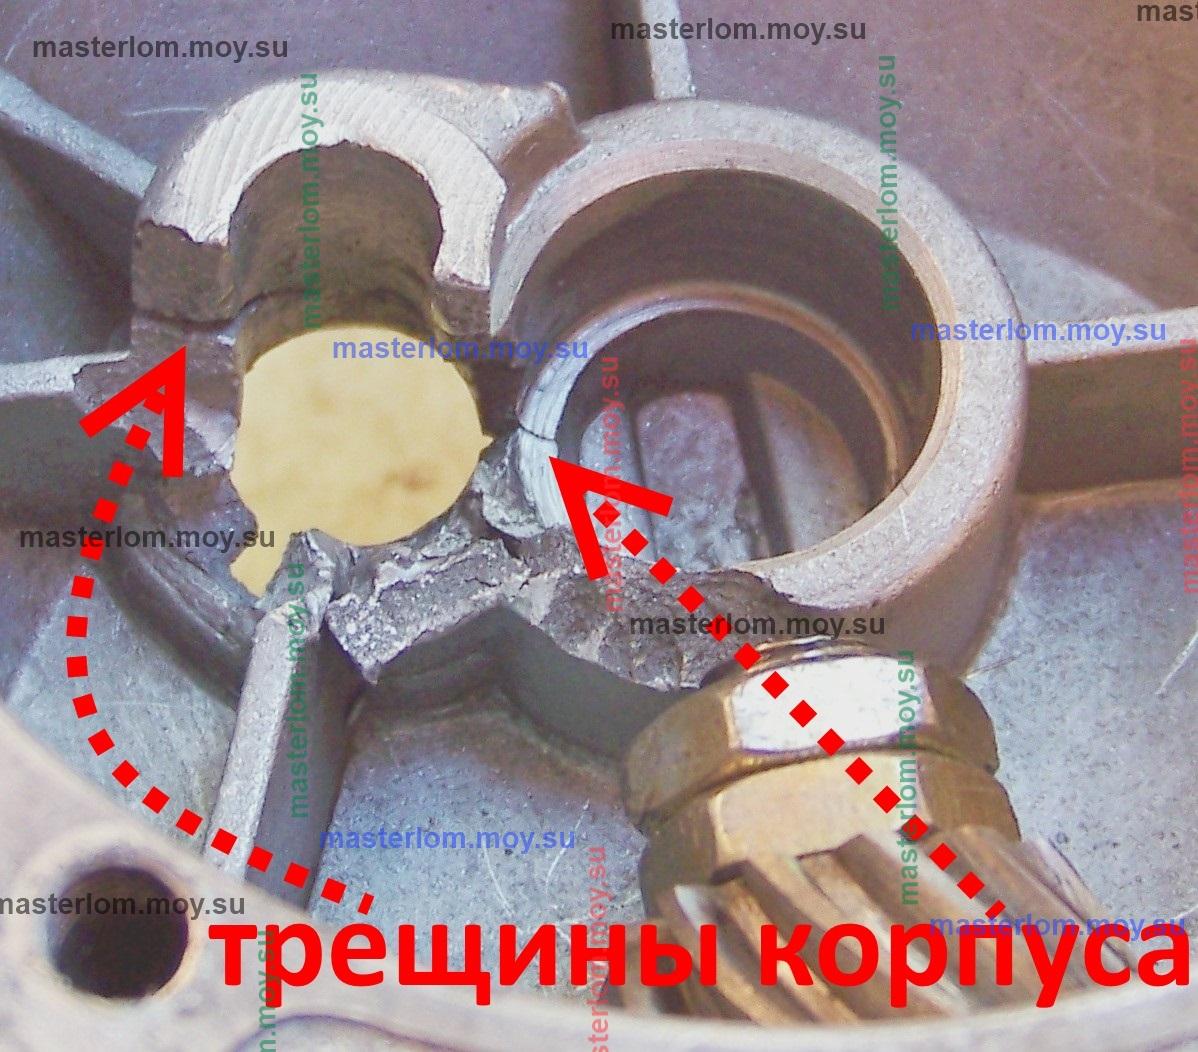 разлом гнезда втулки редуктора болгарки